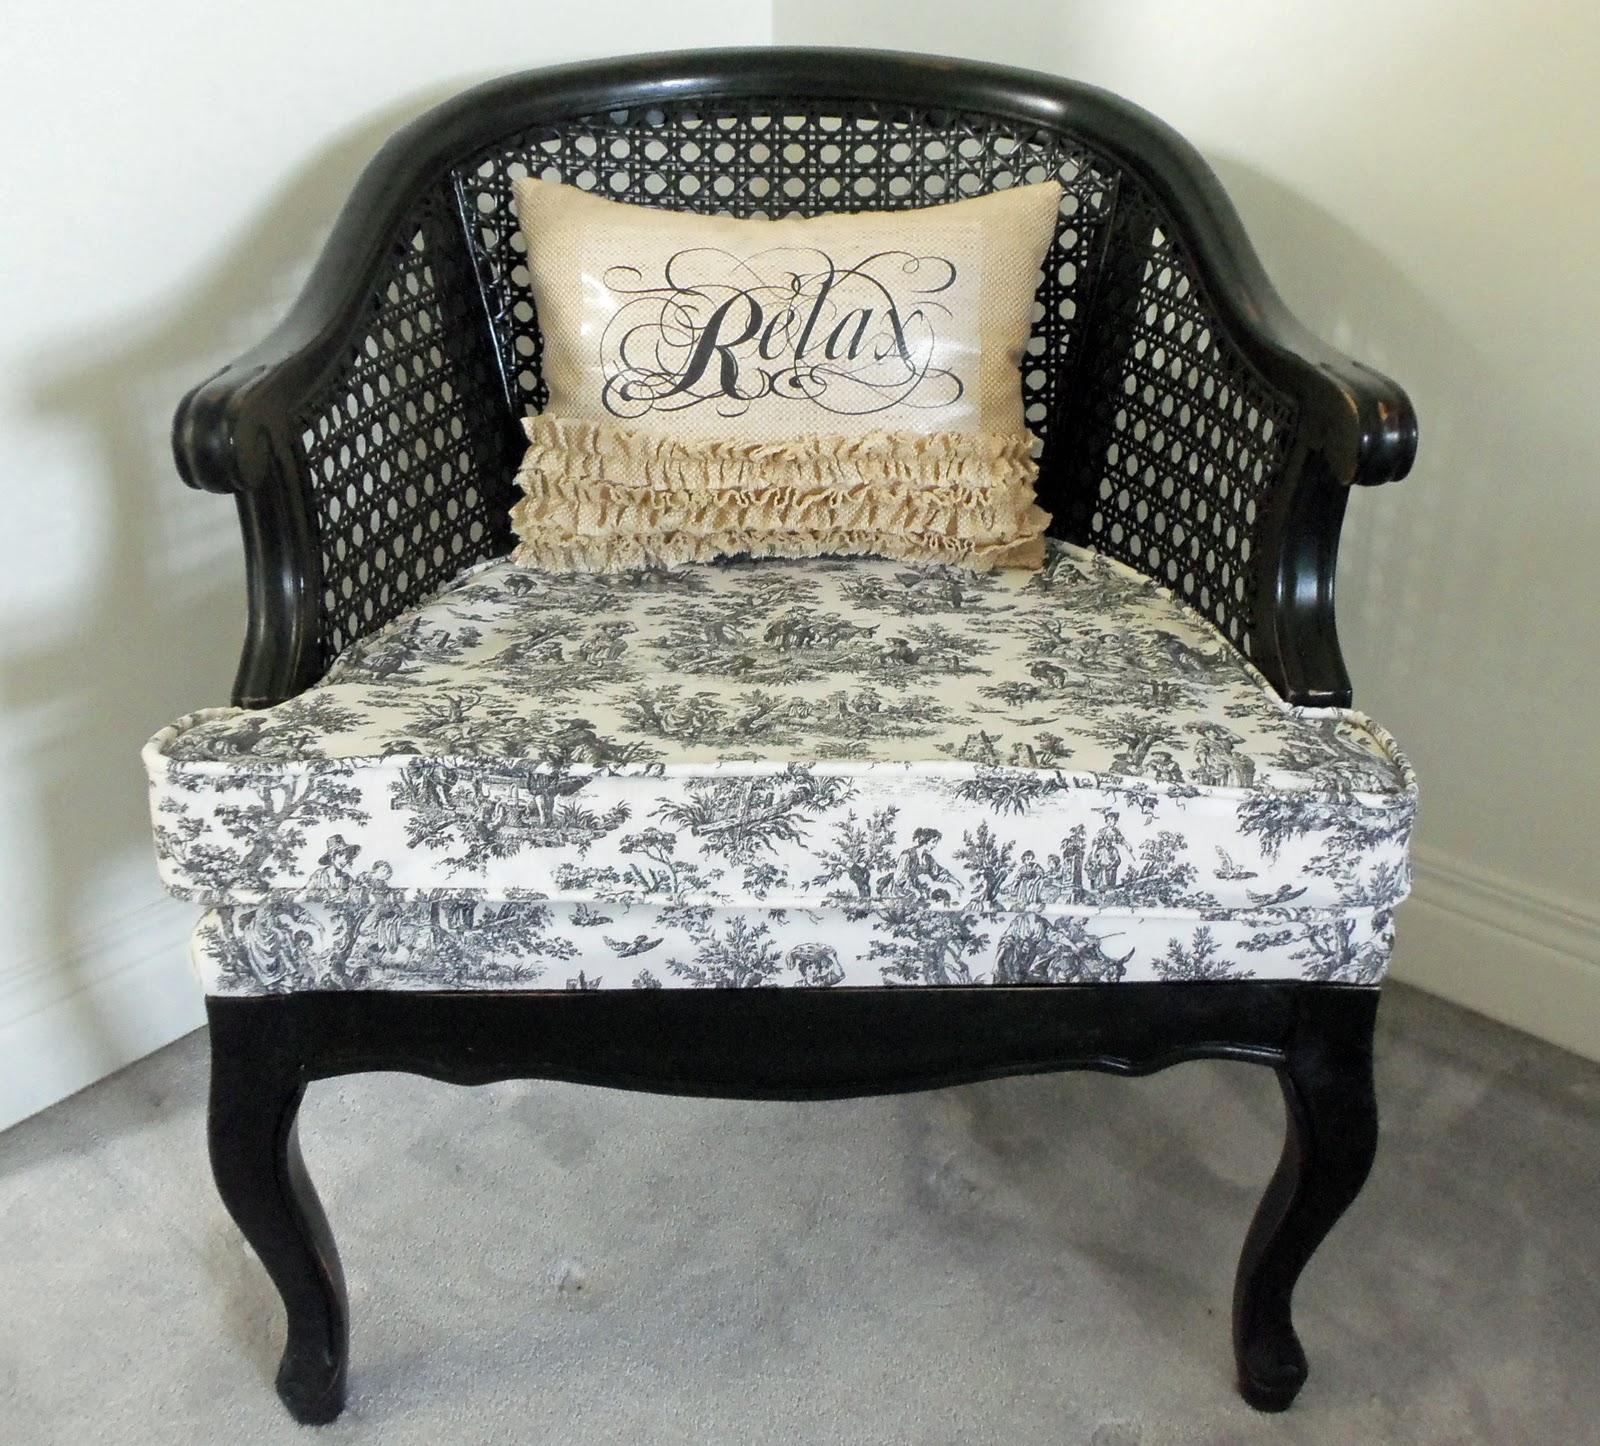 how do you cane a chair canvas folding chairs asda larissa hill designs craigslist